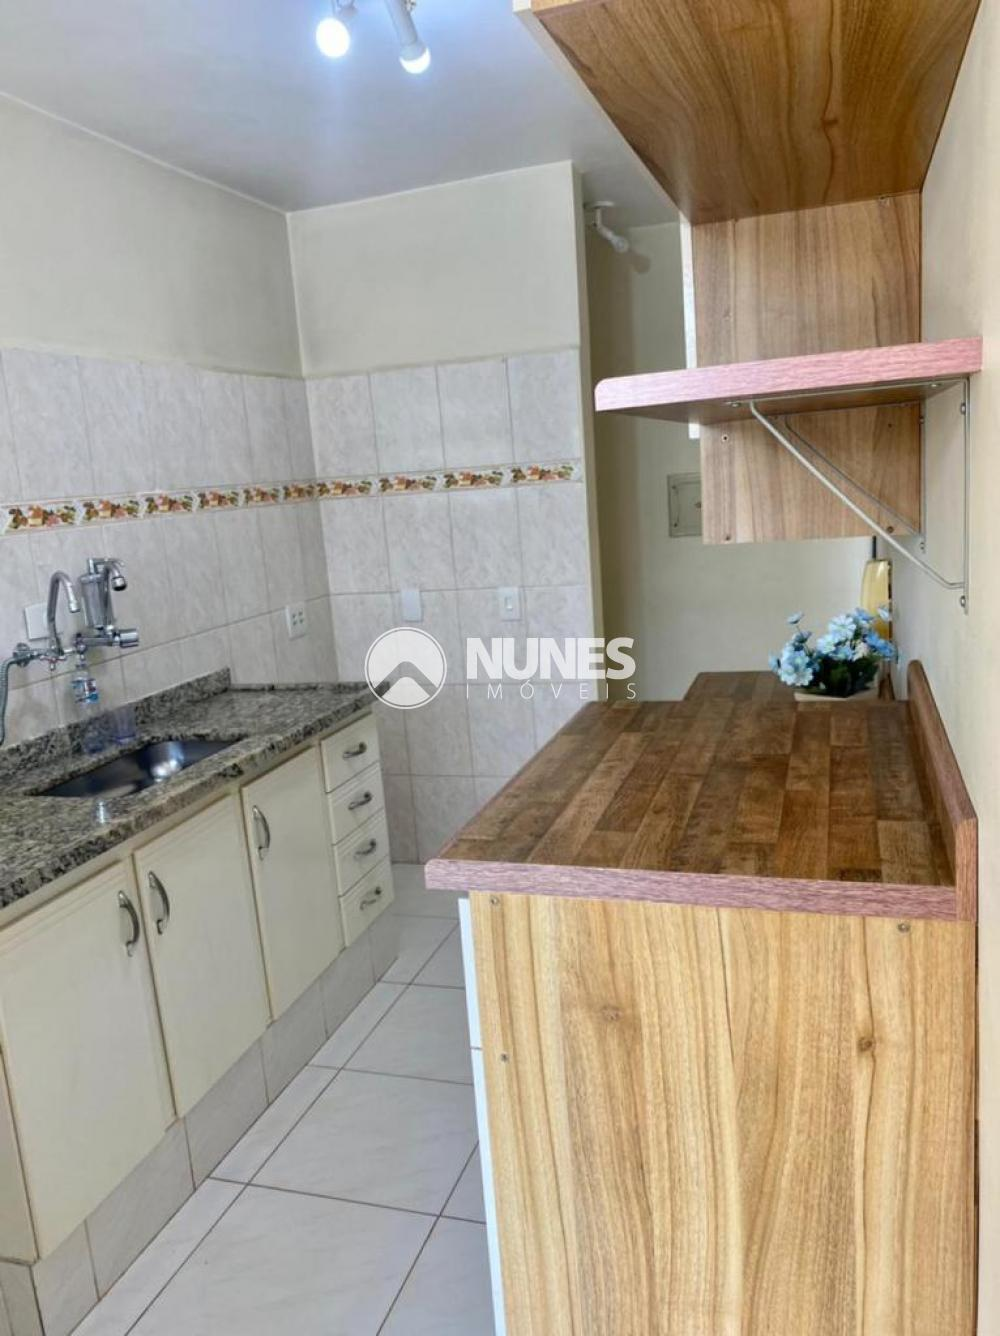 Comprar Apartamento / Padrão em Osasco apenas R$ 270.000,00 - Foto 3